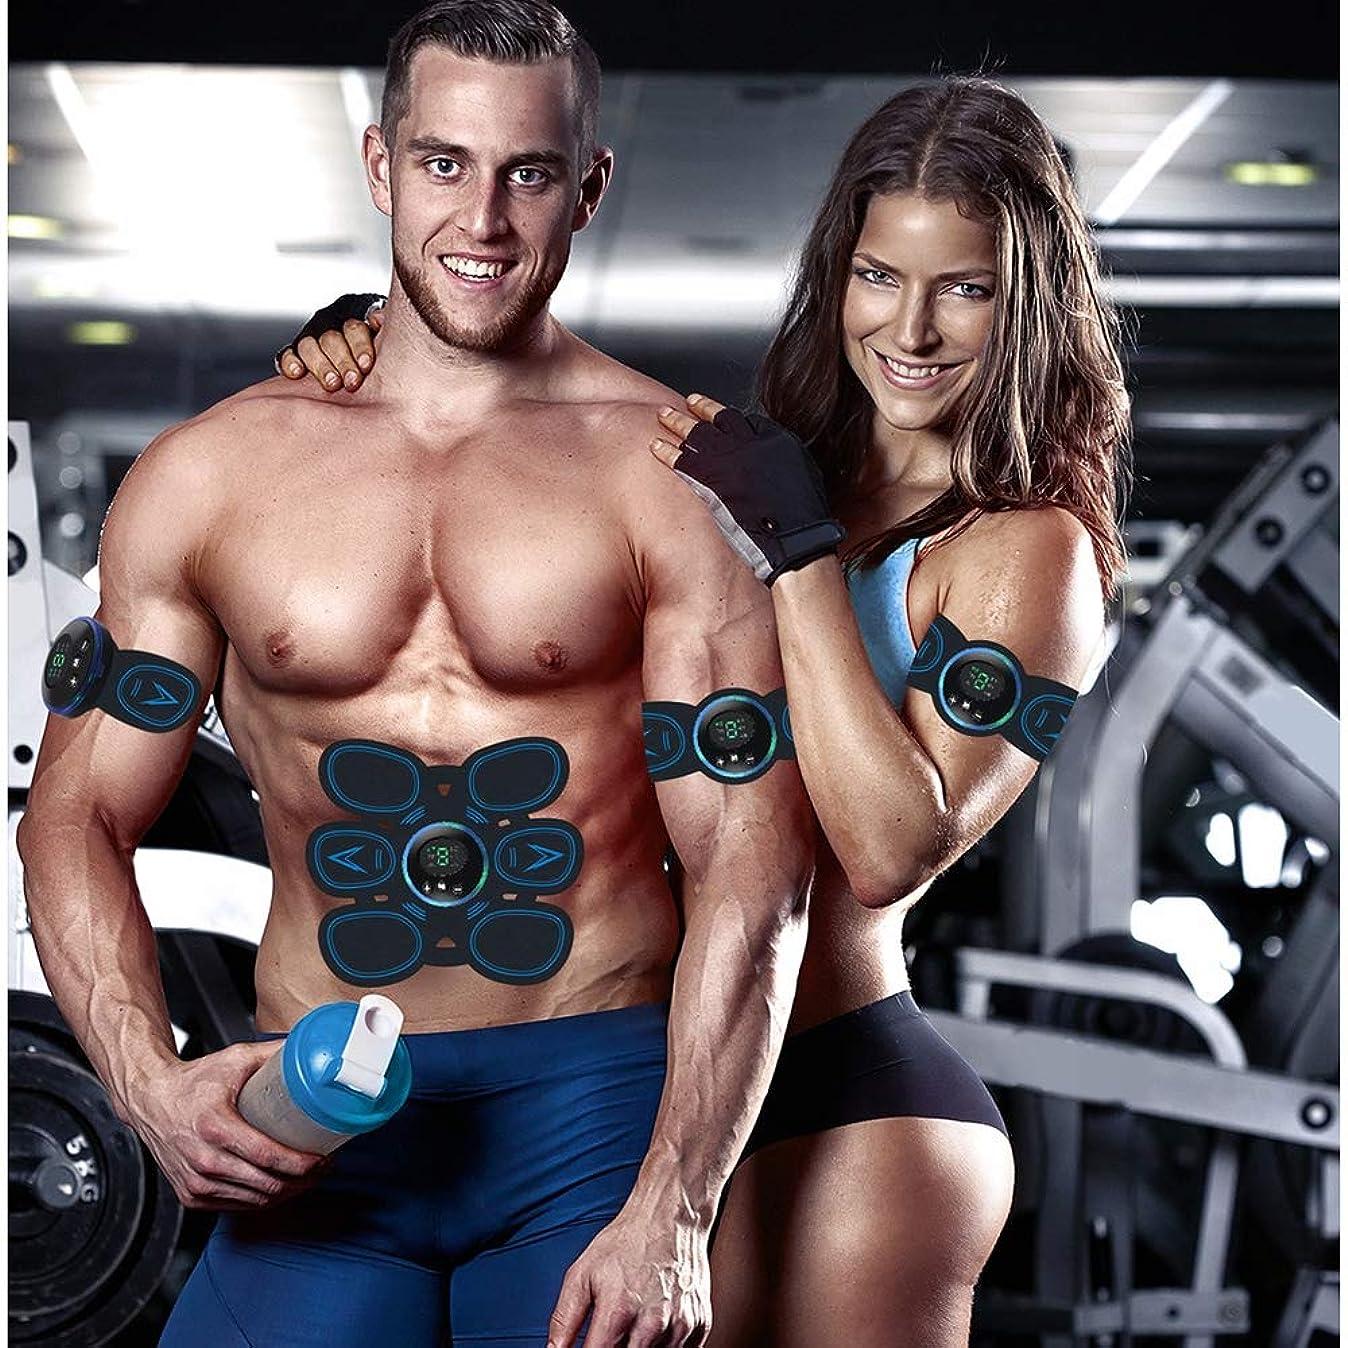 エレクトロニック世界記録のギネスブッククラック新しいスマート腹部デバイスEMS筋肉刺激装置USB充電式減量細い腰筋肉トレーニングウエスト整形ボディマッサージフィットネス機器